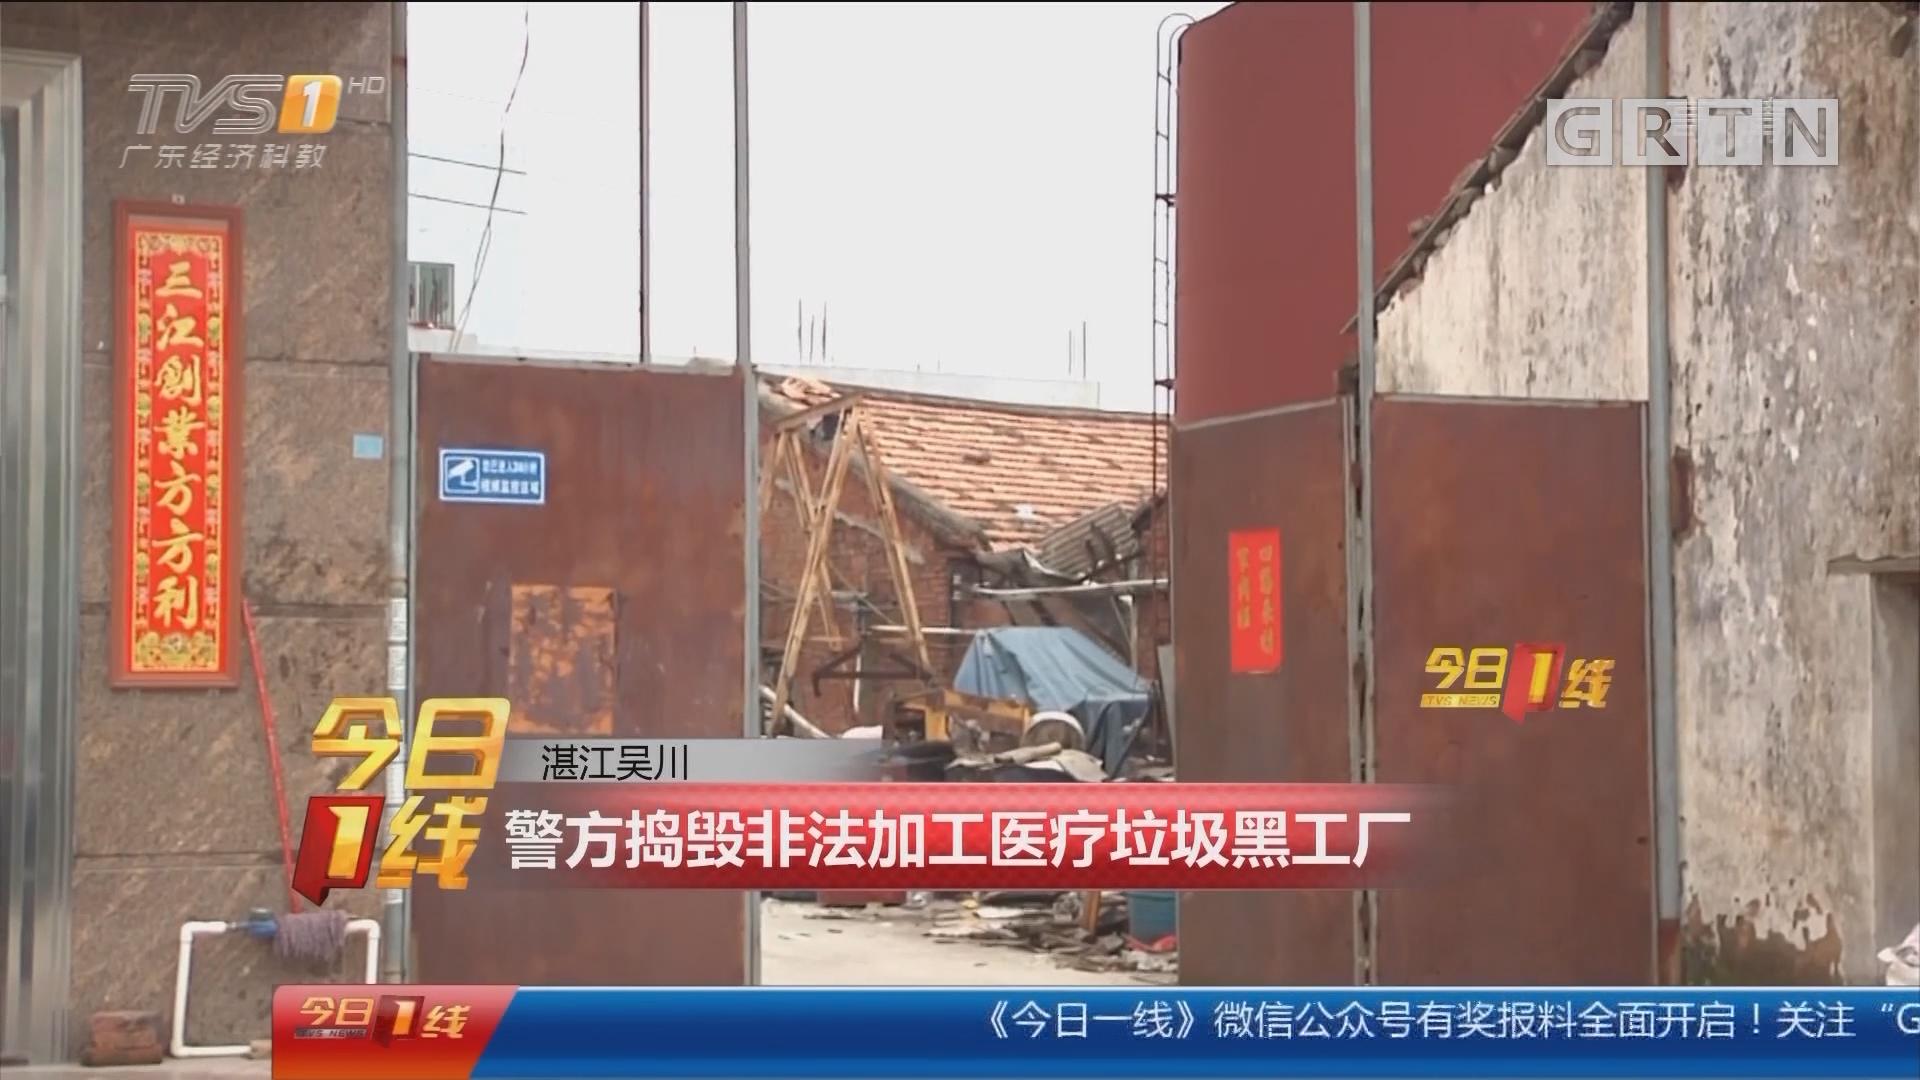 湛江吴川:警方捣毁非法加工医疗垃圾黑工厂